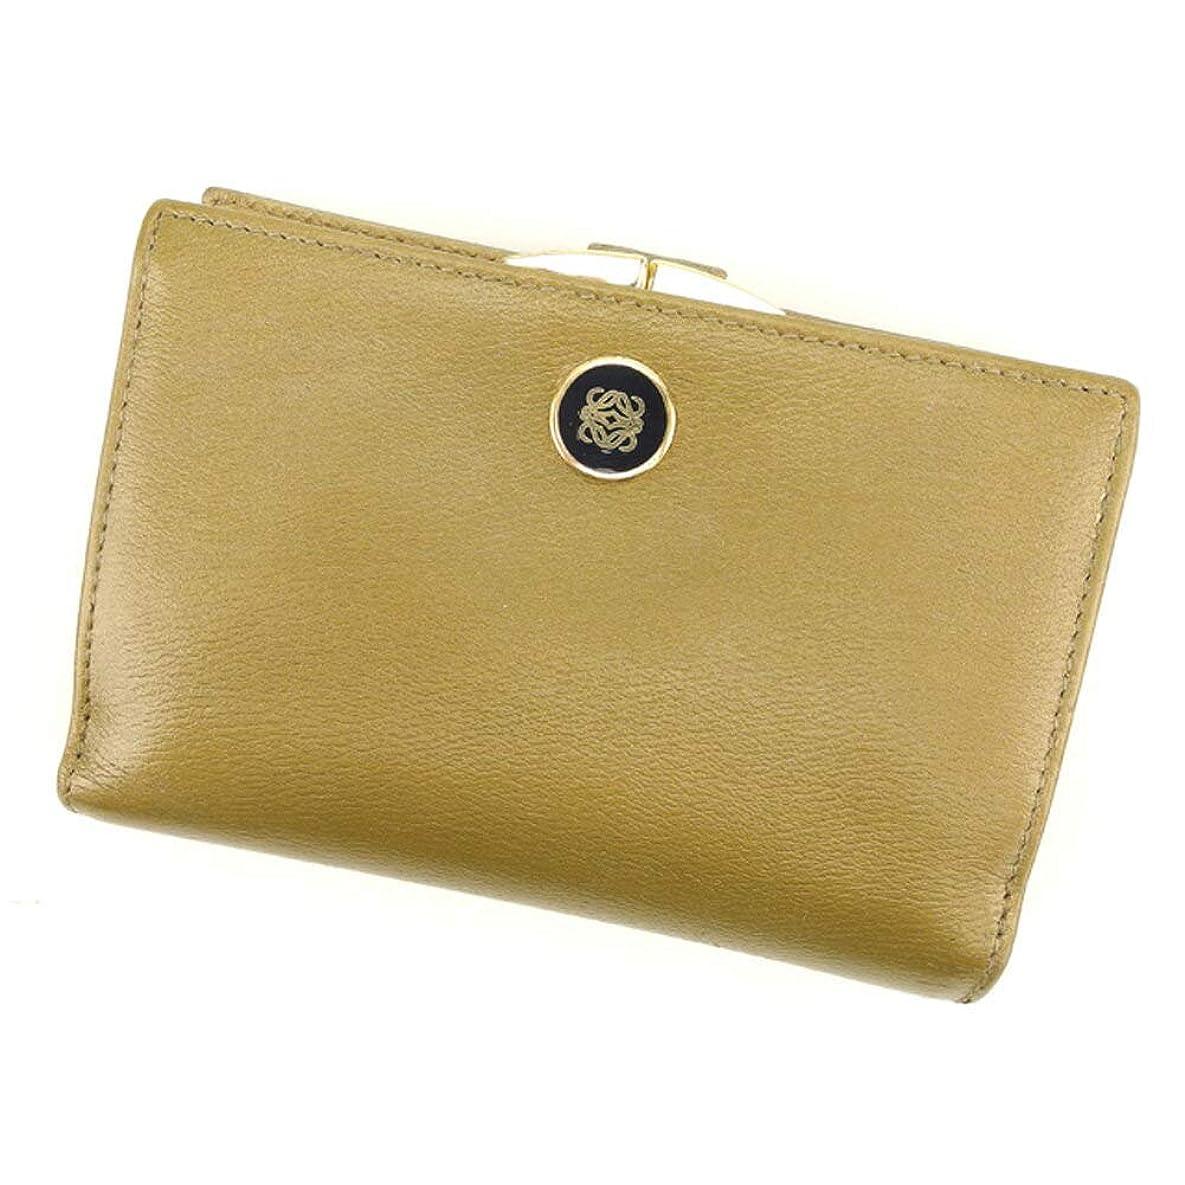 怖がって死ぬ醸造所規制(ロエベ) Loewe がま口 財布 二つ折り ゴールド ブラック アナグラムボタン レディース メンズ 中古 T8001